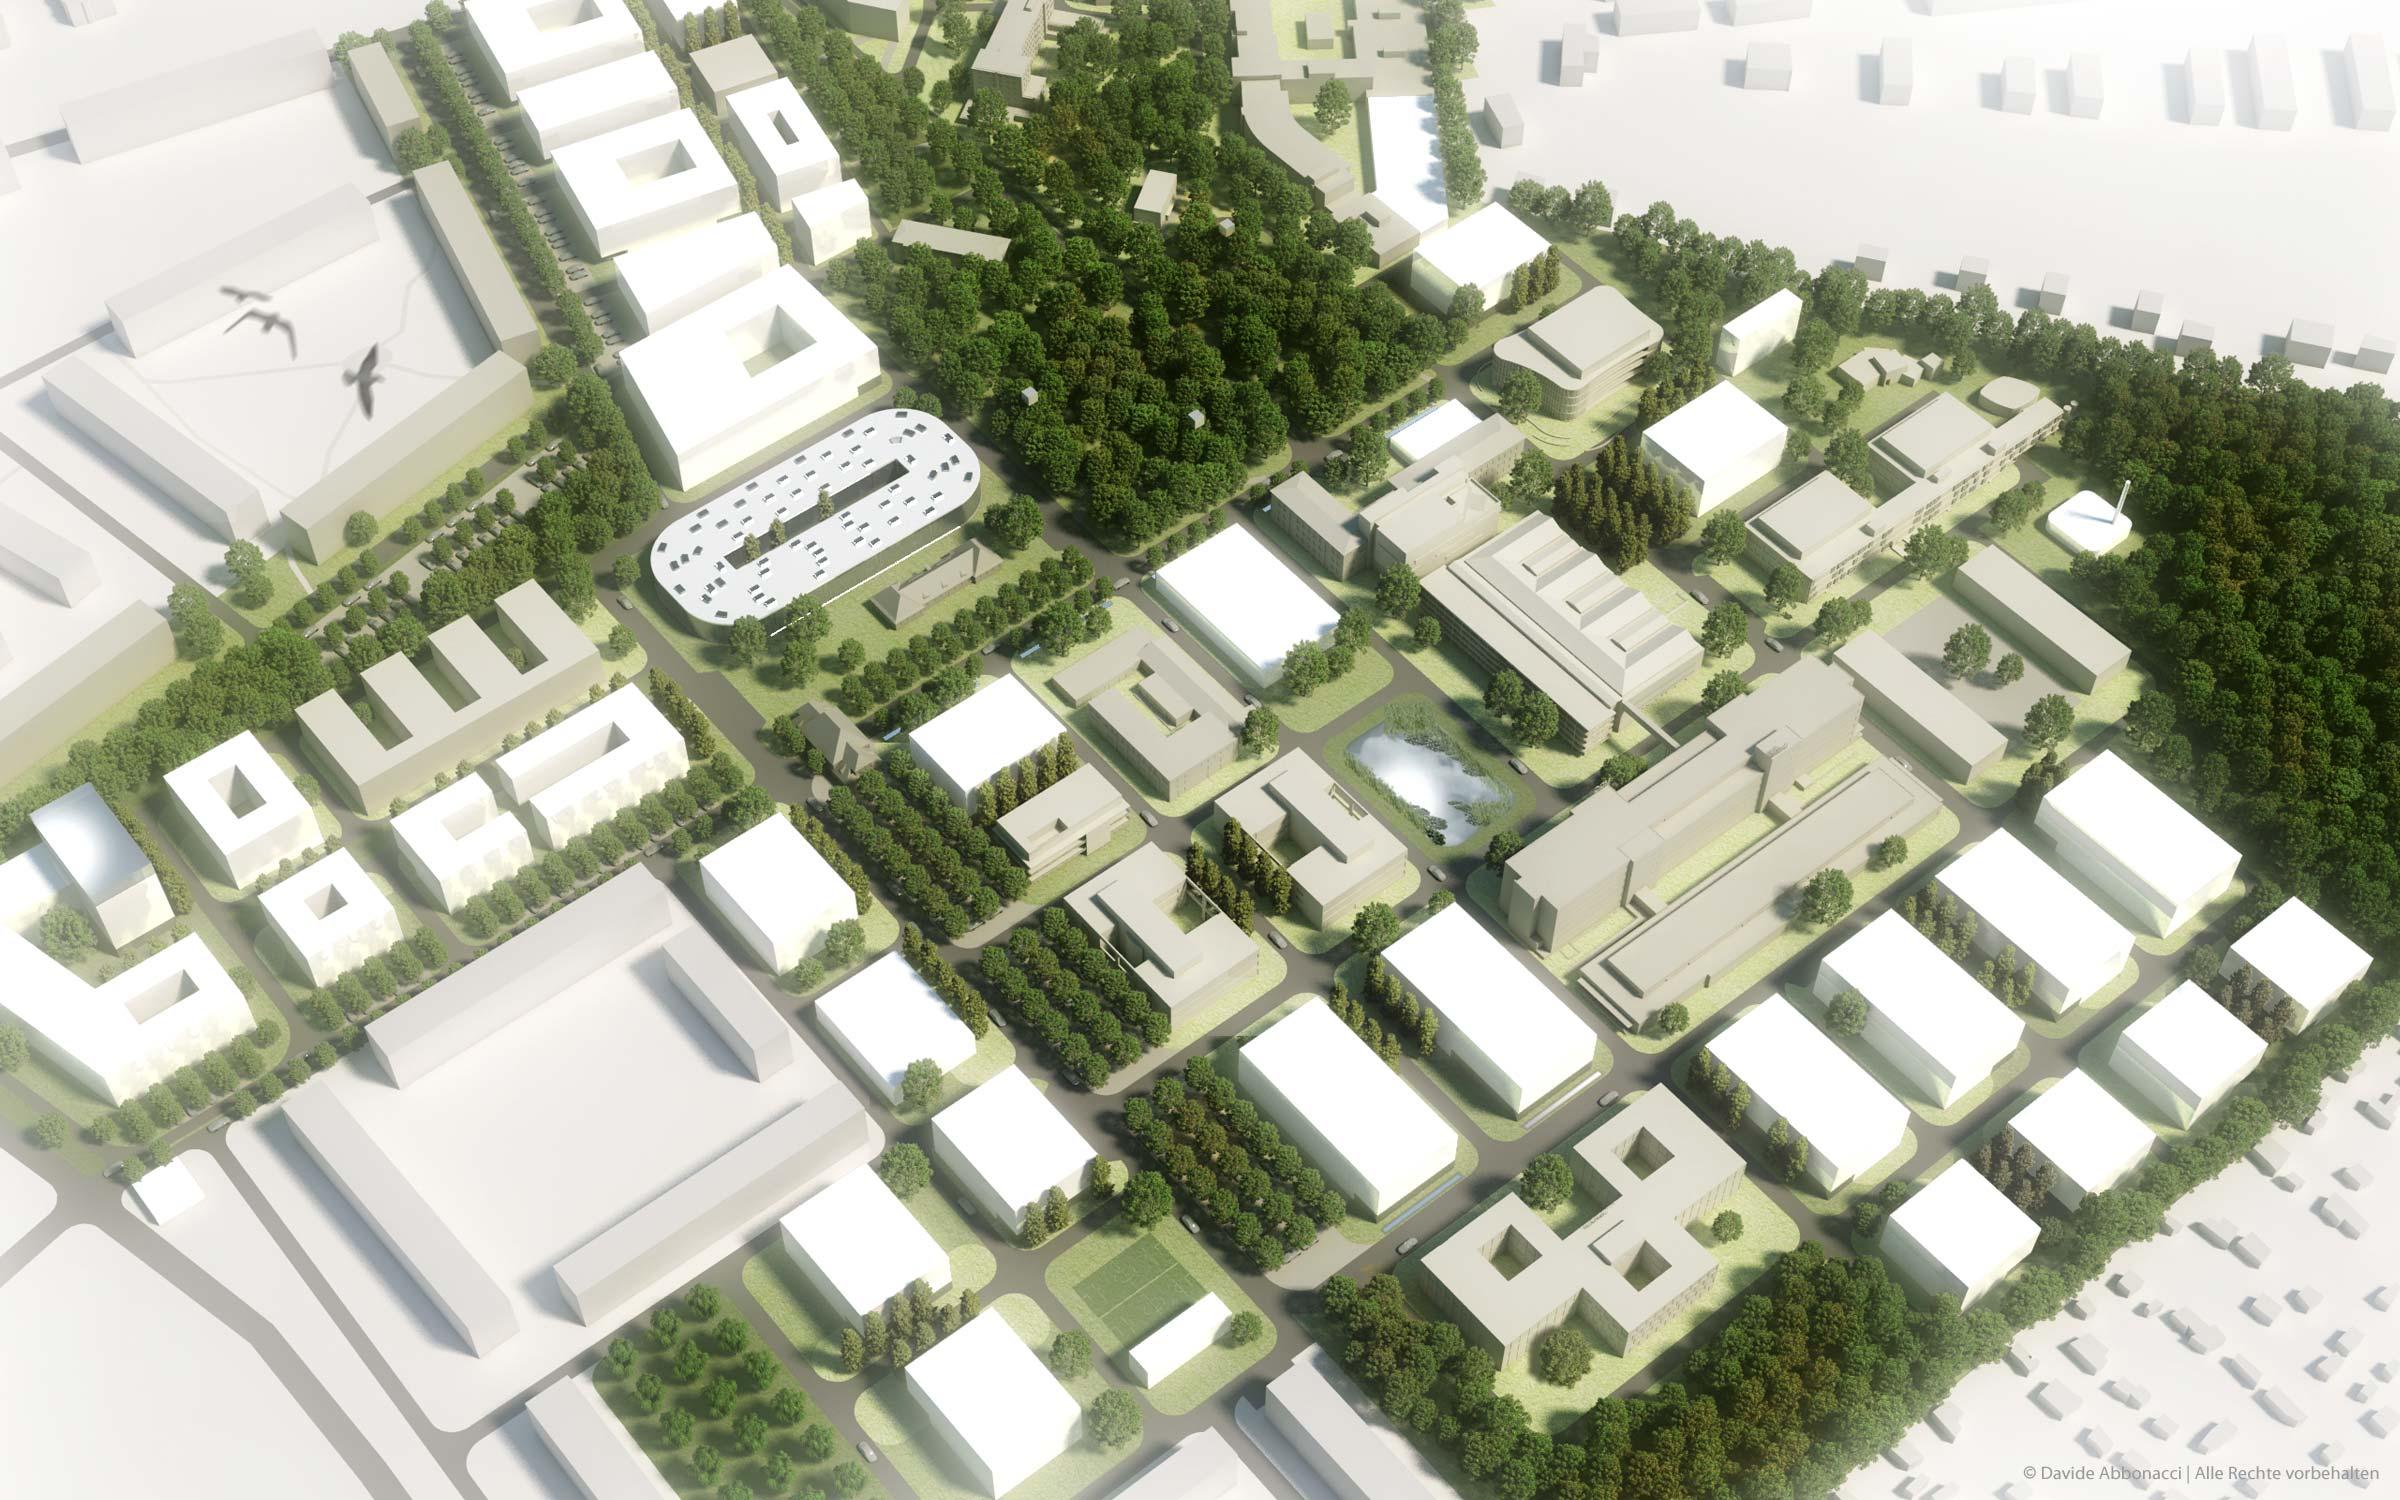 Campus Berlin-Buch, Berlin   Heide & Von Beckerath Architekten   2010 Wettbewerbsvisualisierung   2. Preis